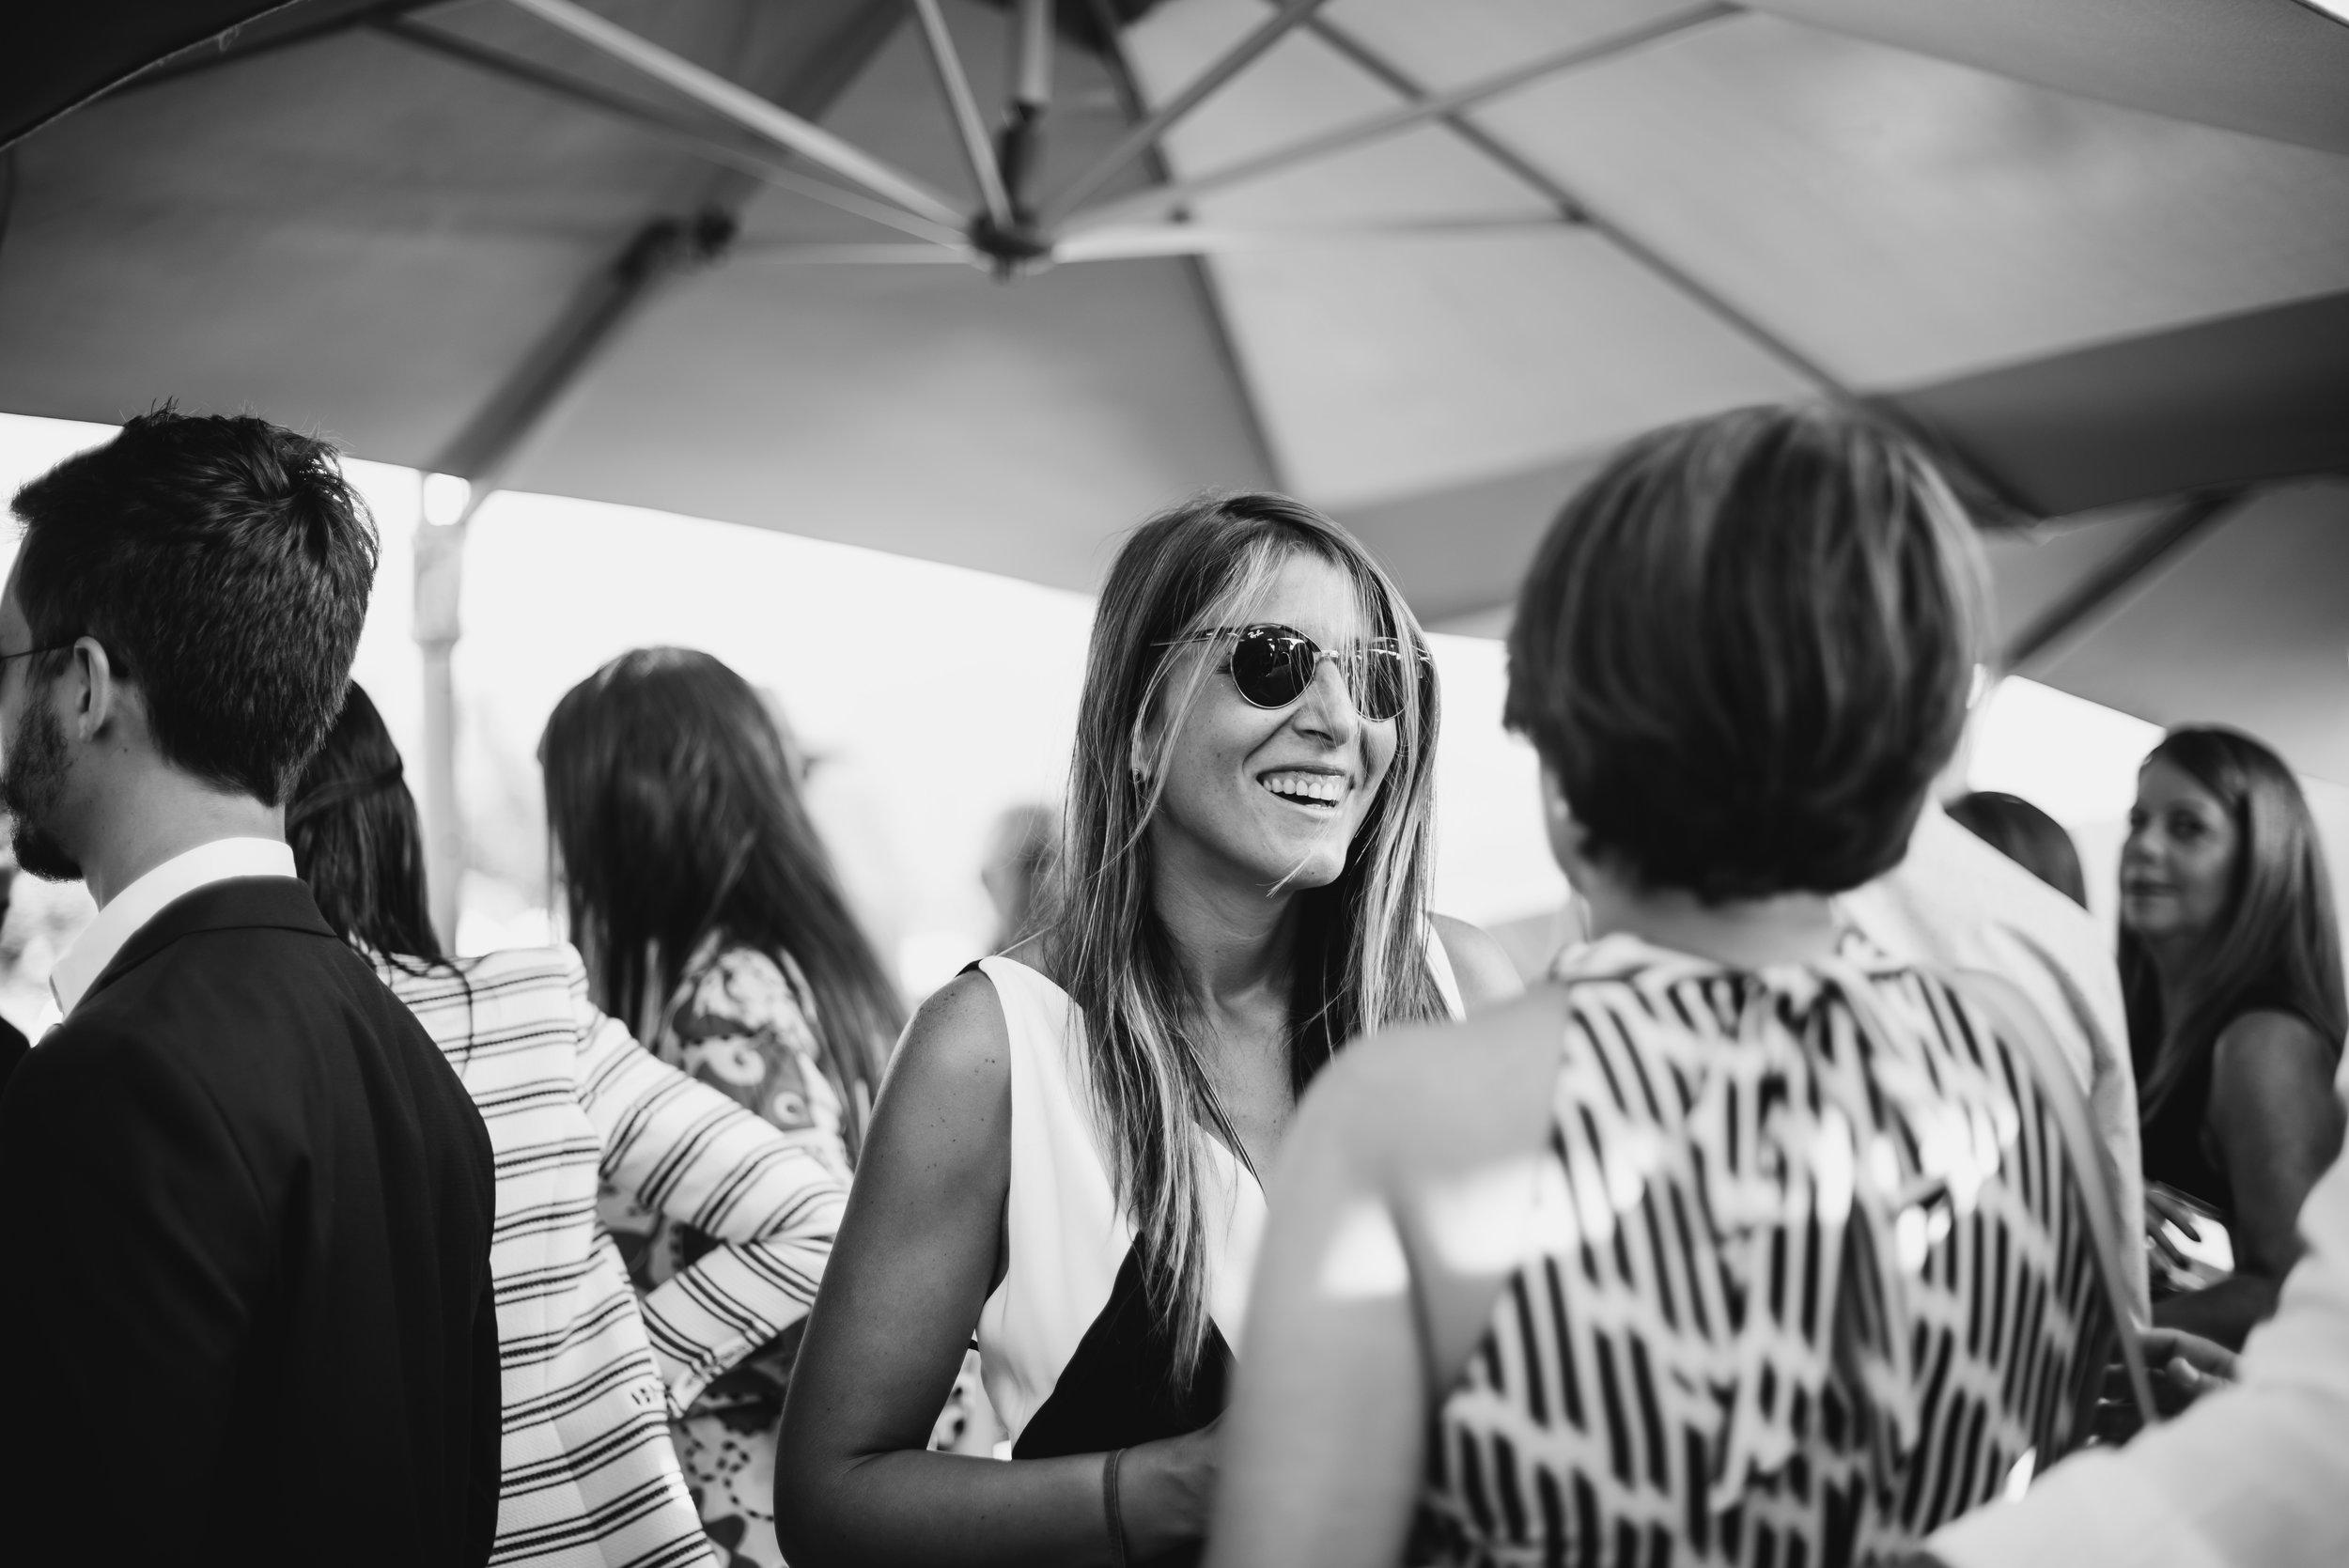 Léa-Fery-photographe-professionnel-lyon-rhone-alpes-portrait-creation-mariage-evenement-evenementiel-famille-9221.jpg